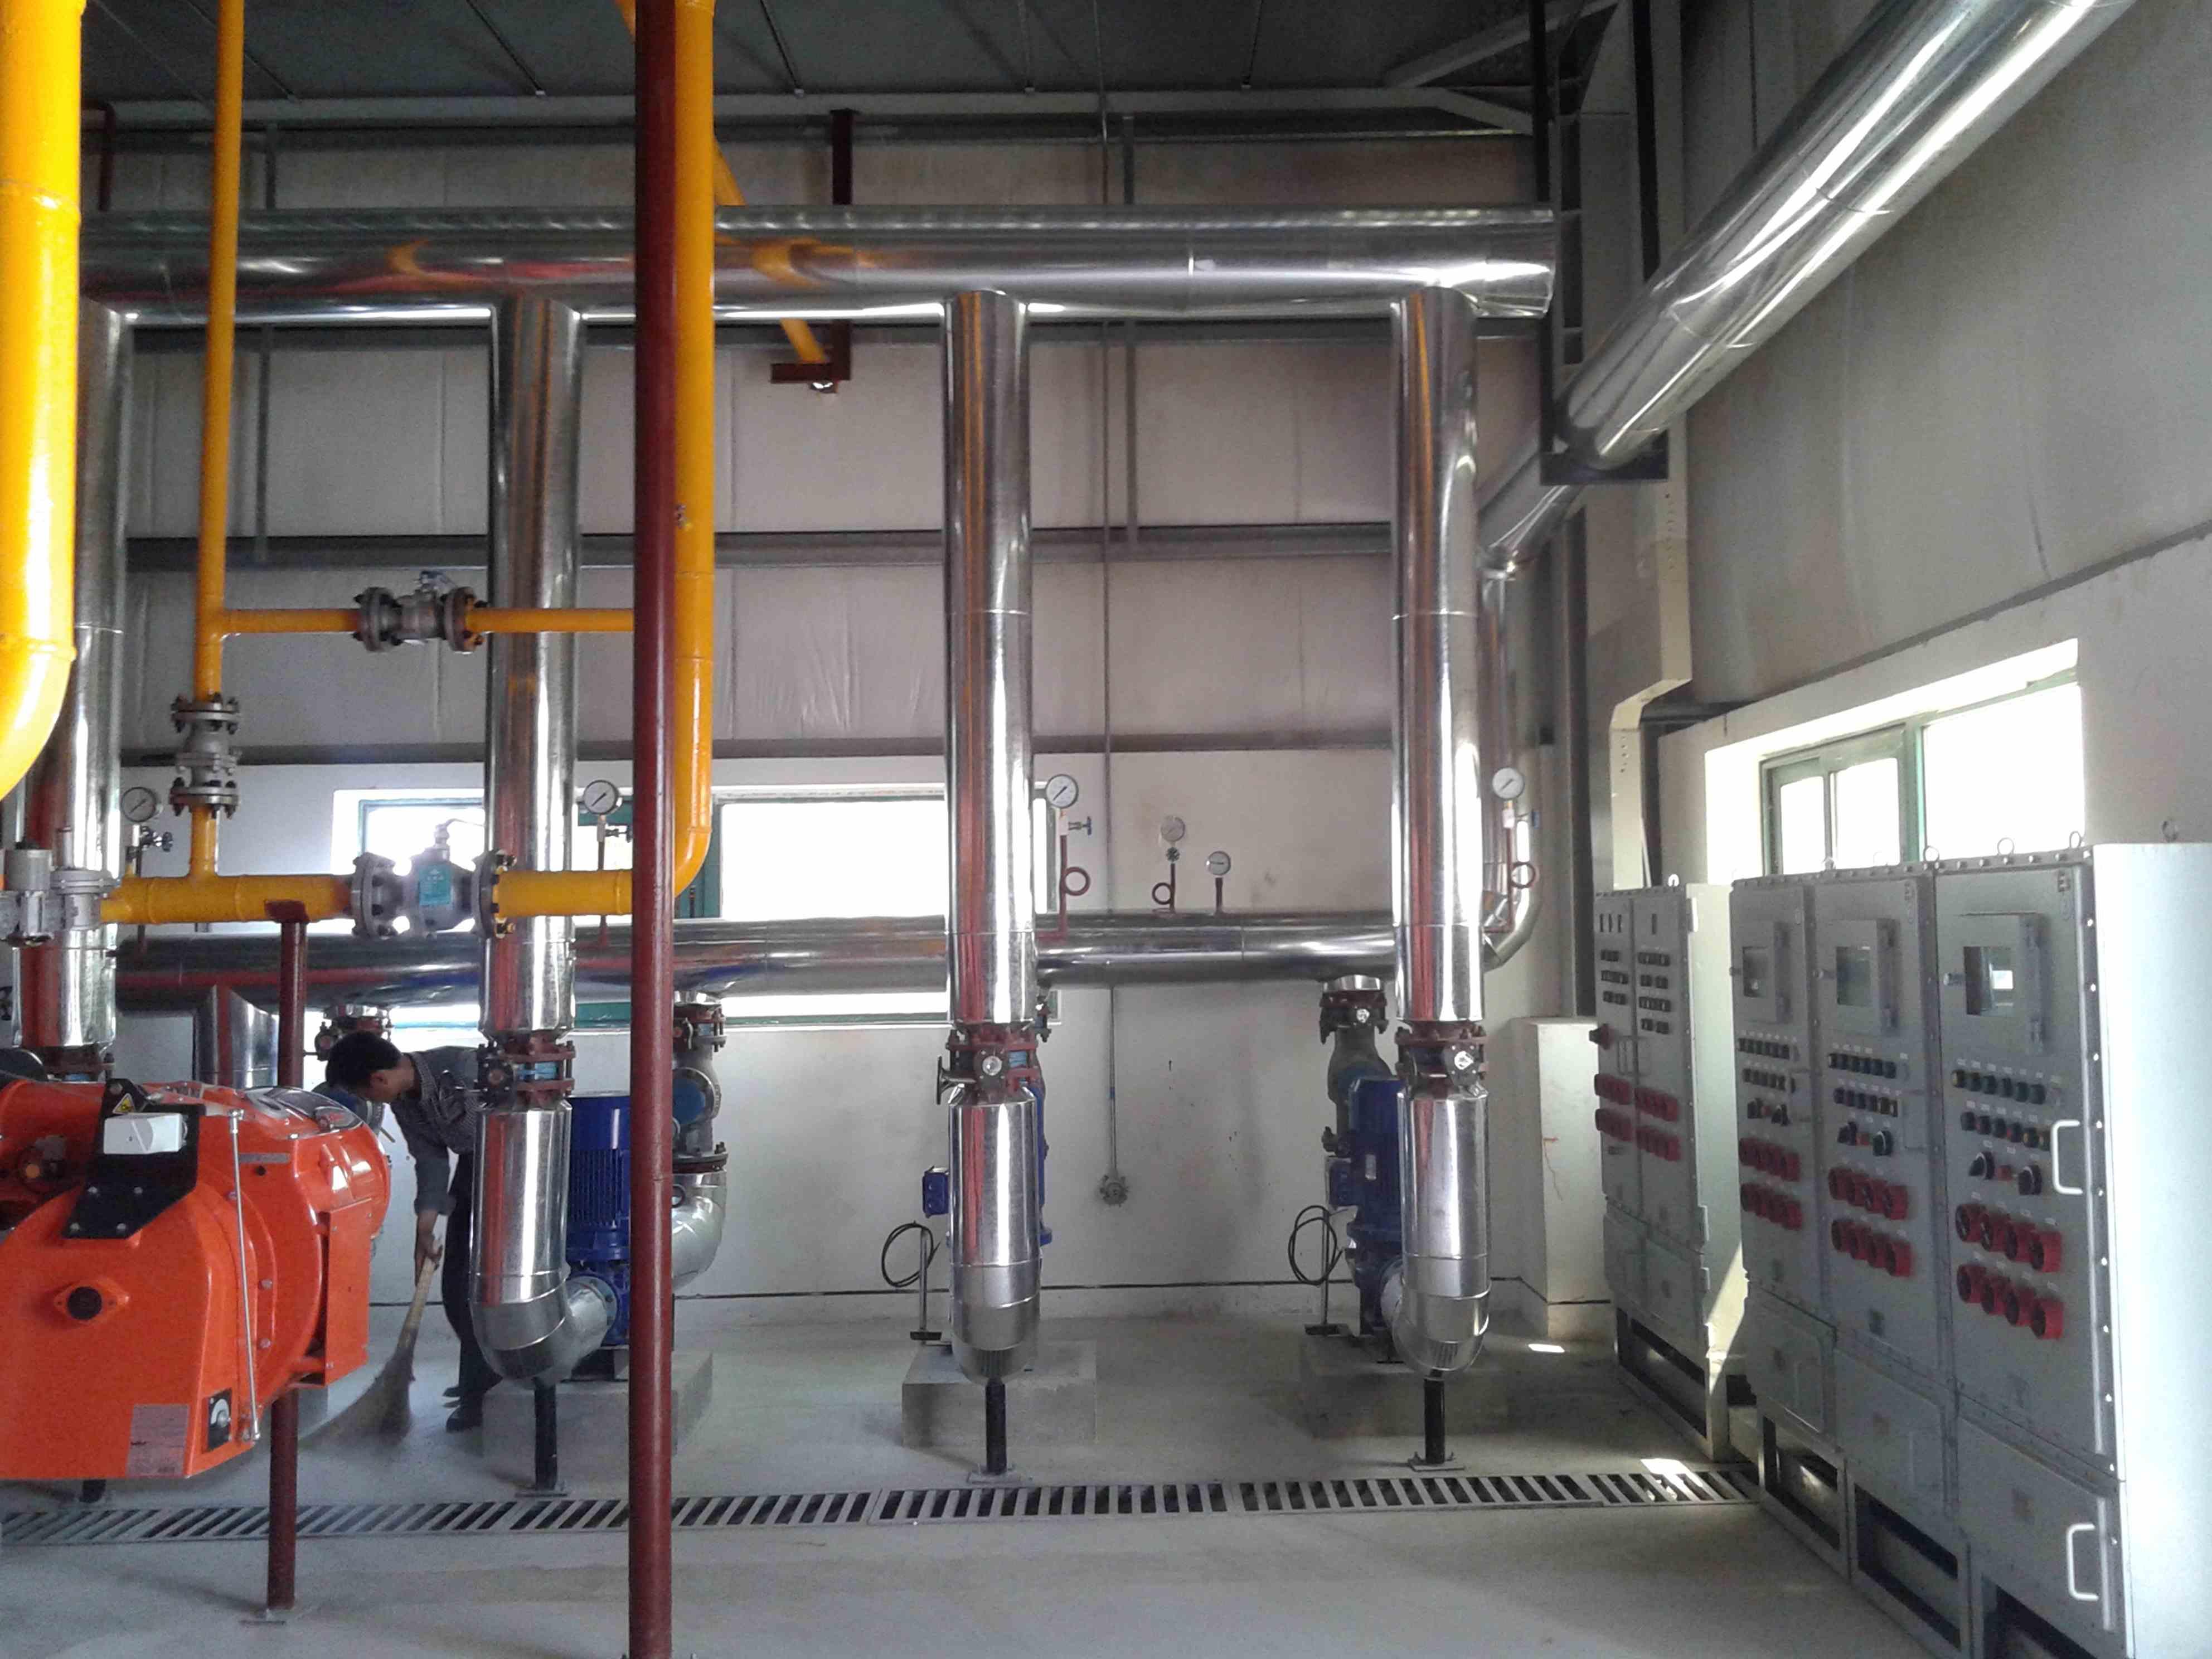 锅炉维修工安全技术规定以及检修前的准备